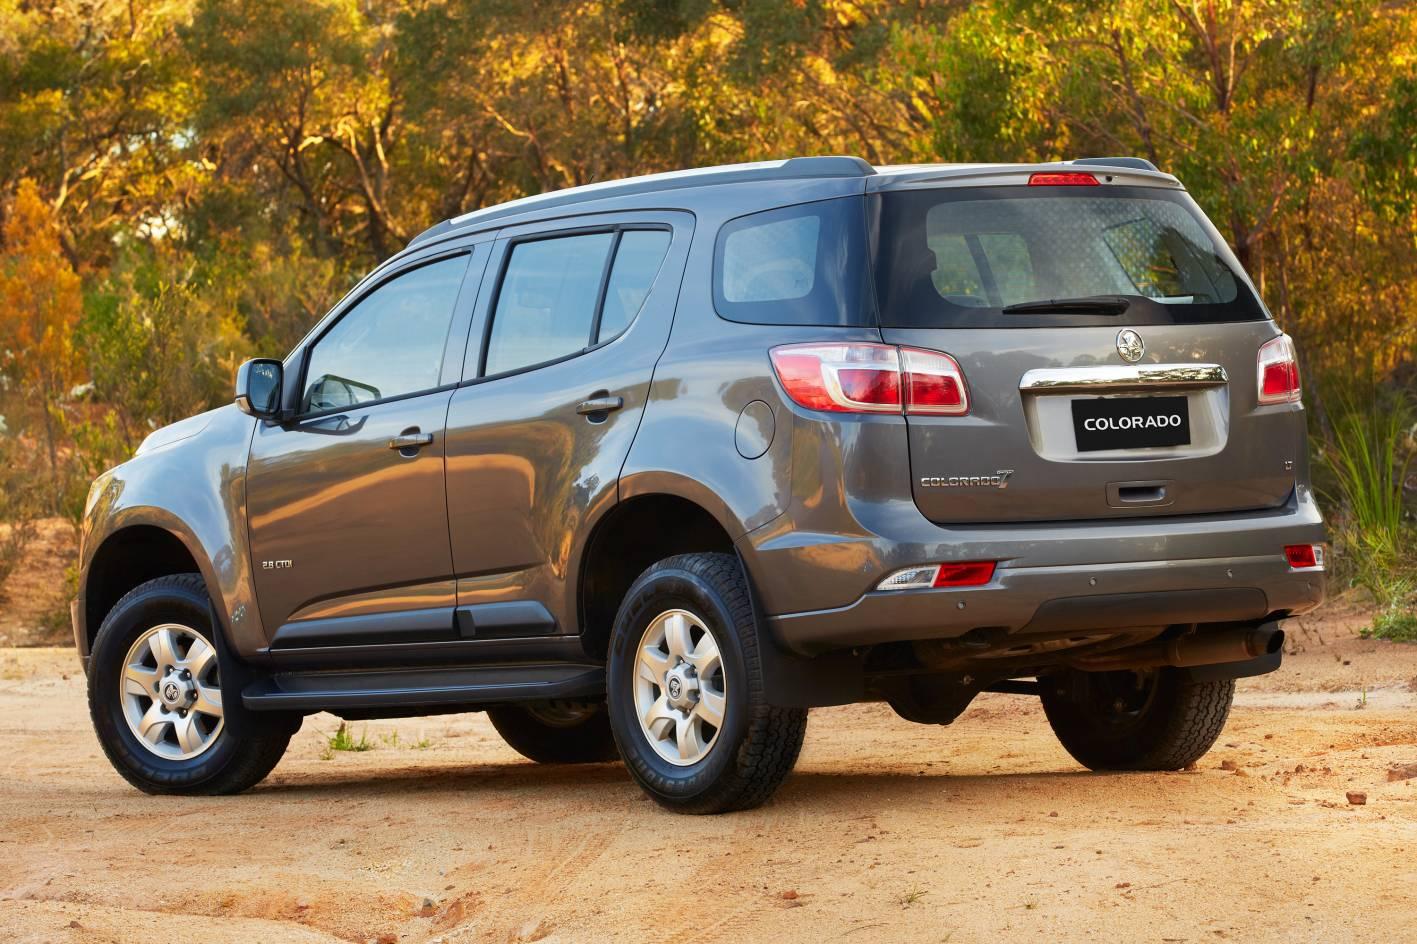 2012 Holden Colorado 7 Review - photos | CarAdvice